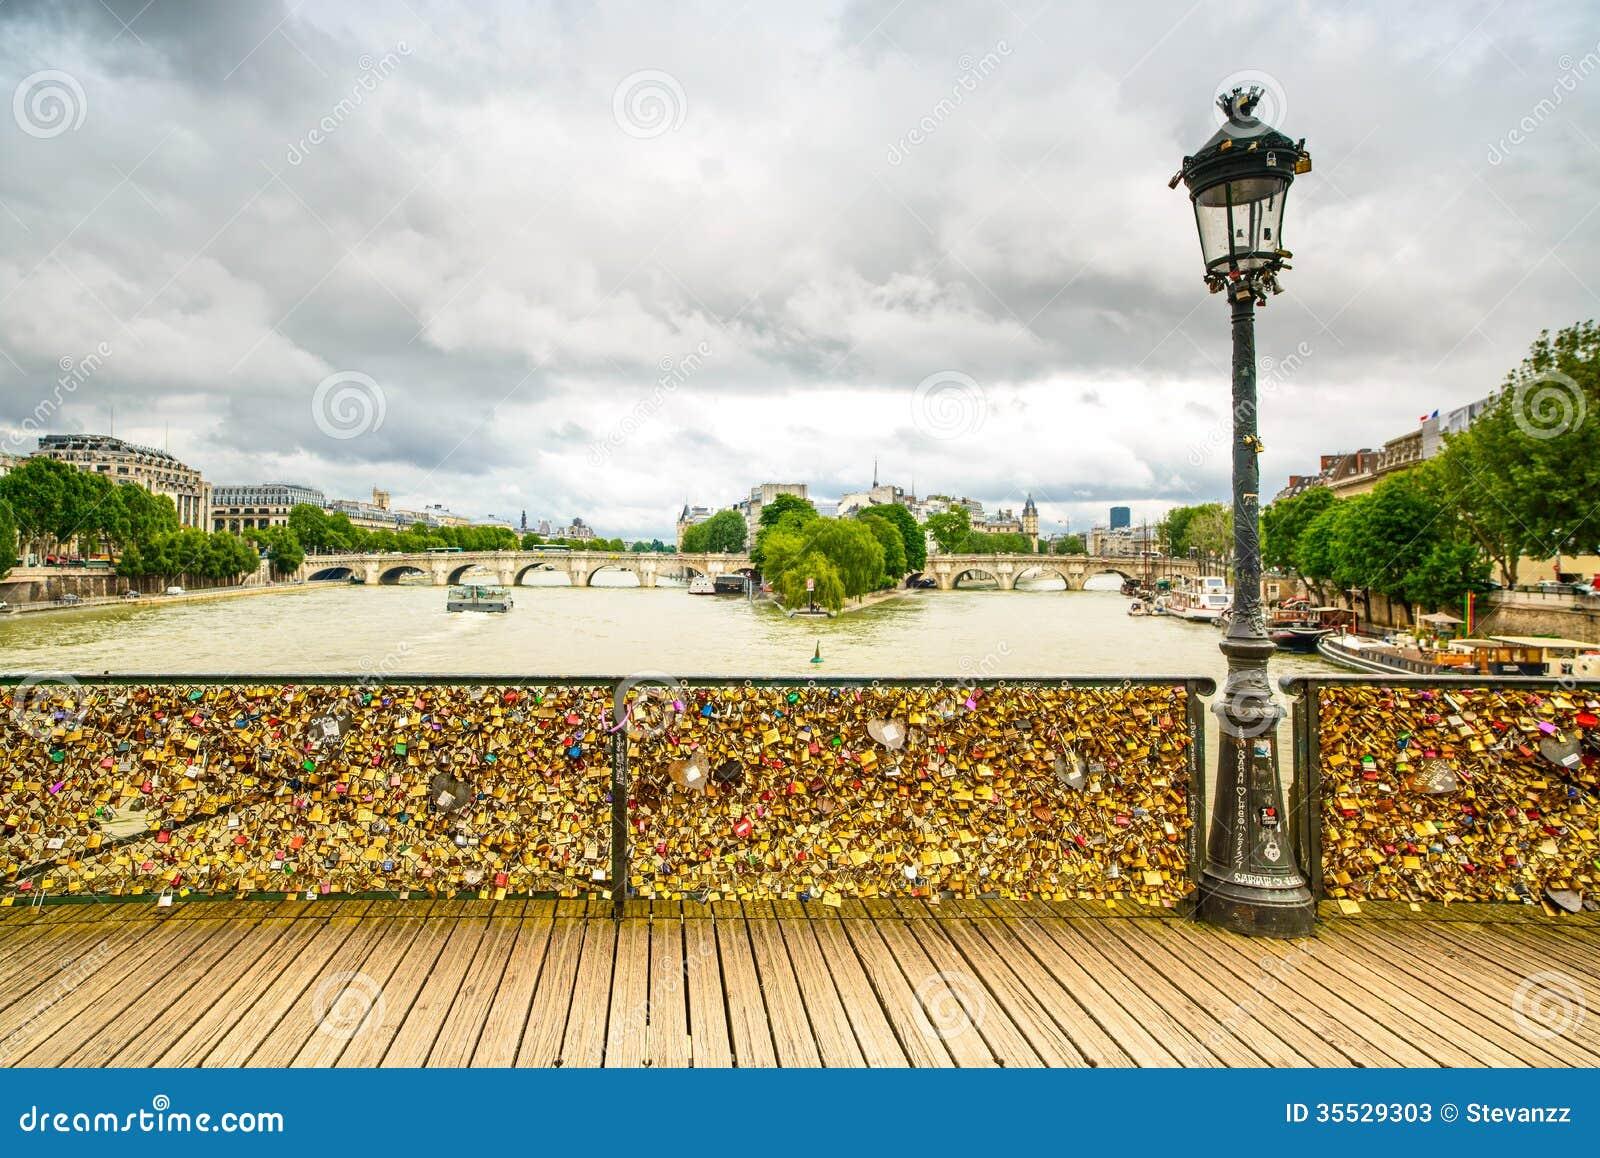 L 39 amour padlocks sur le pont de pont des arts la seine paris france - Le pont de lamour a paris ...